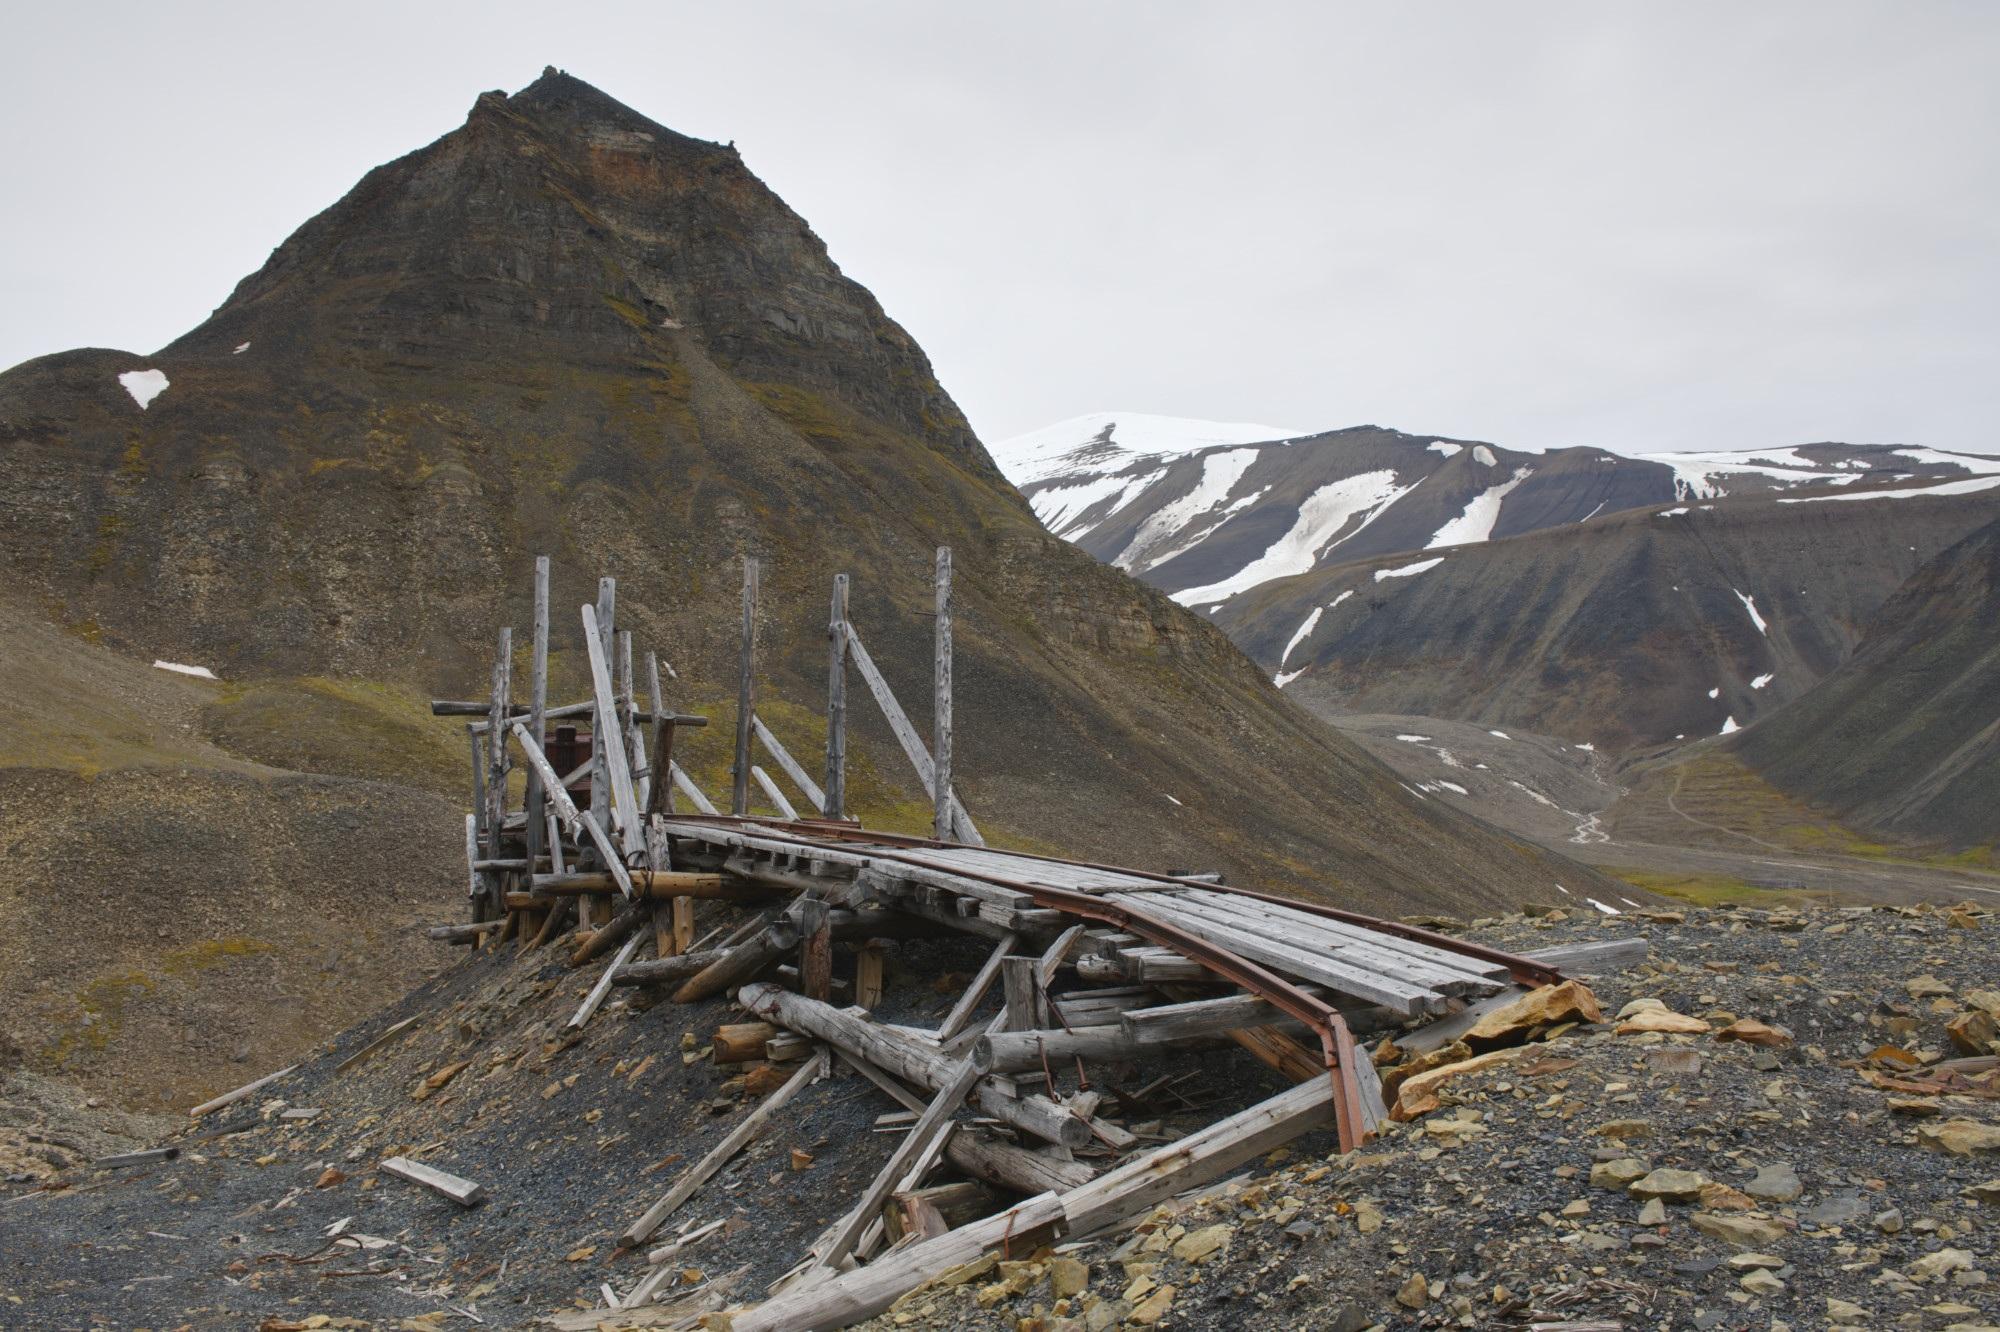 Rester etter gruve 4. Foto Torbjørn Johnsen